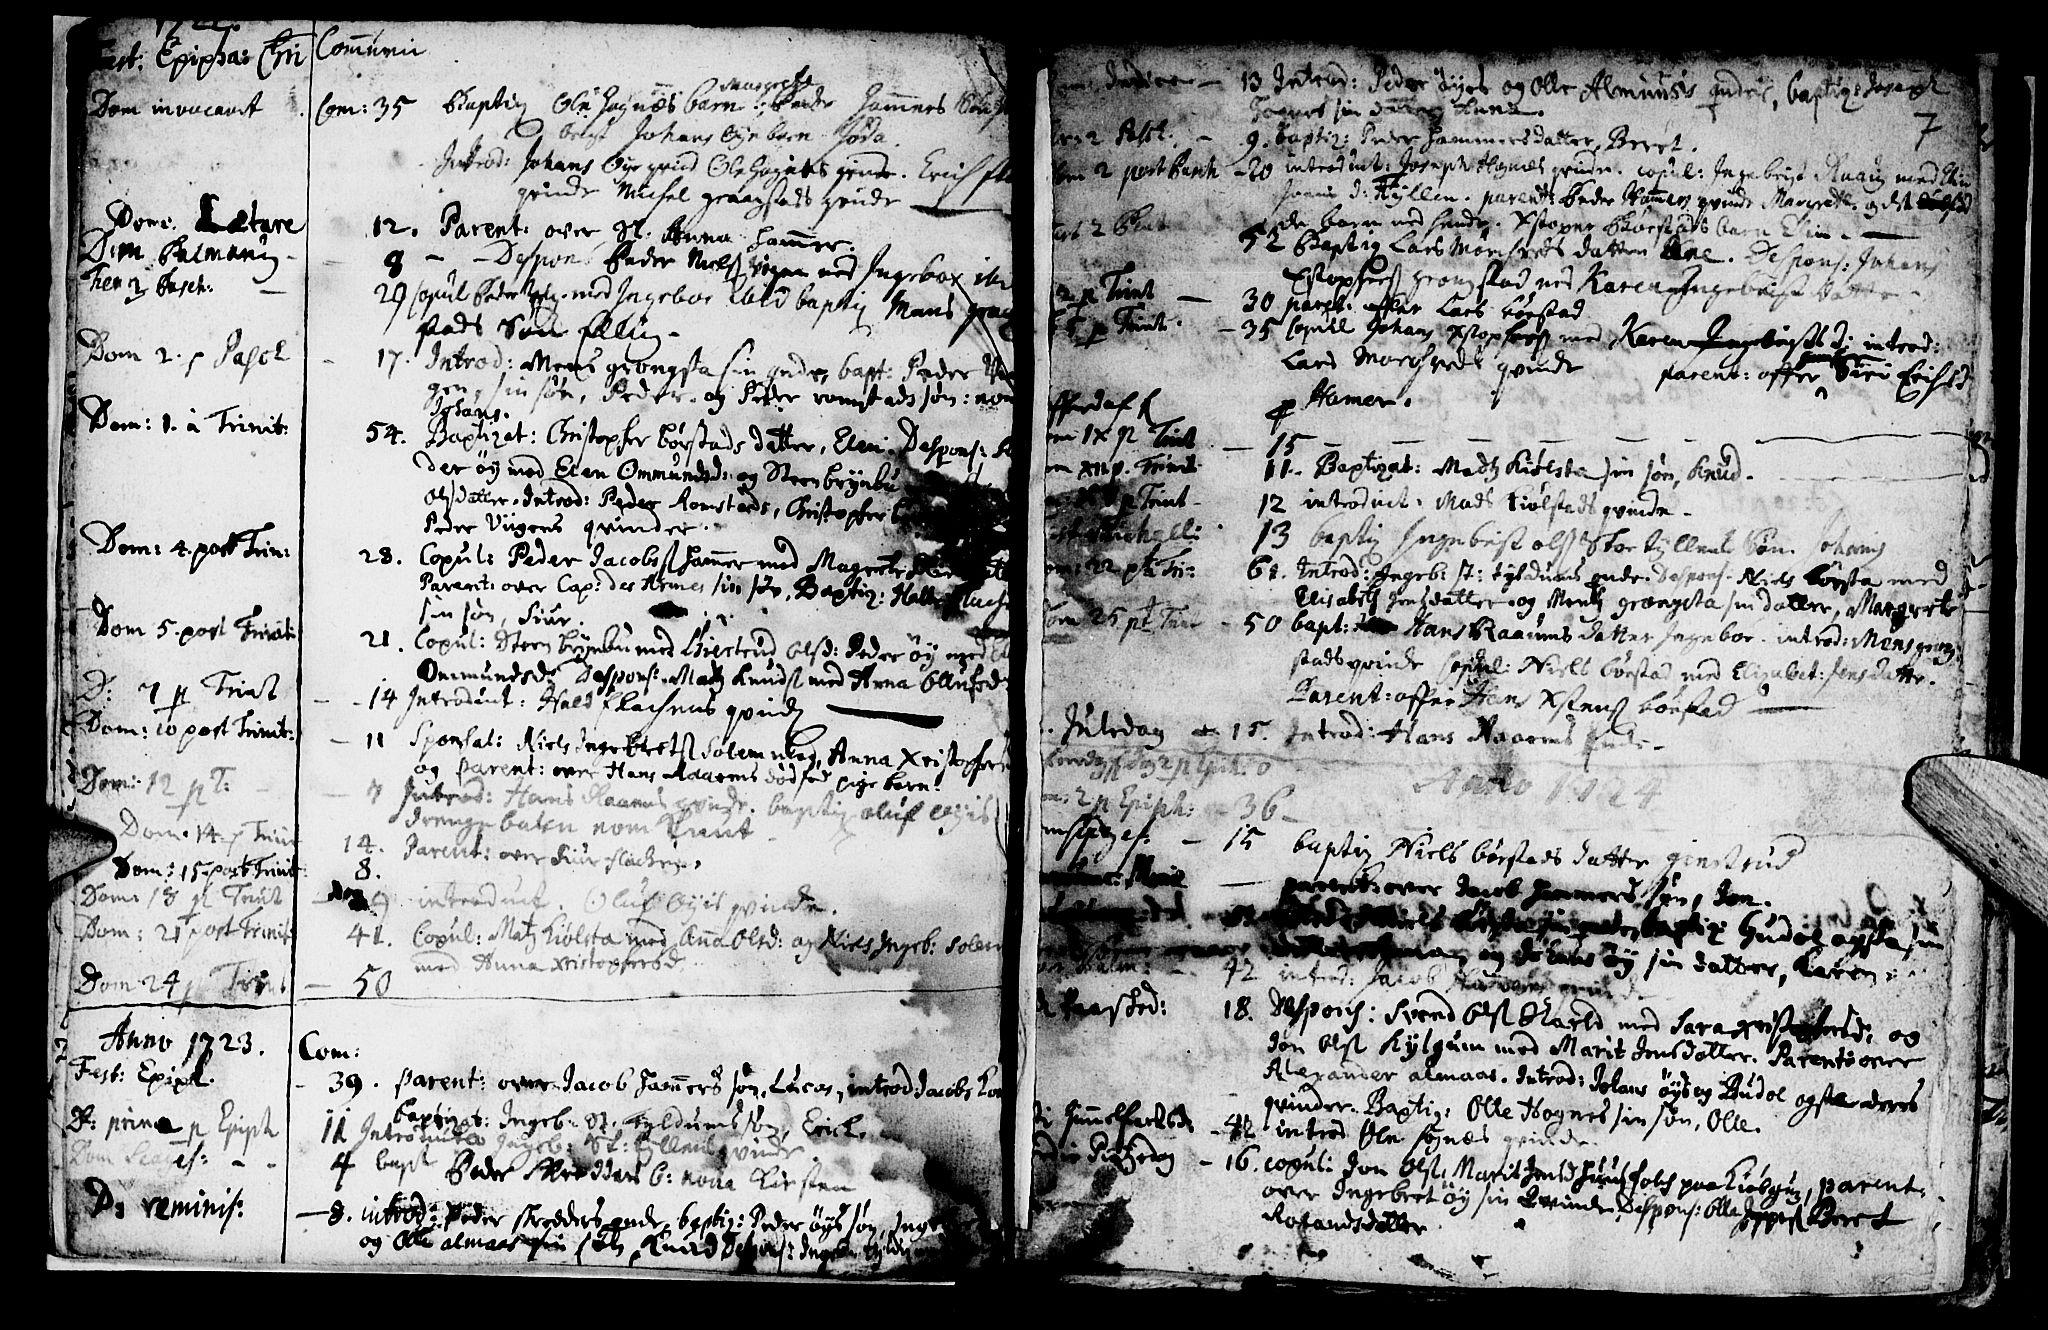 SAT, Ministerialprotokoller, klokkerbøker og fødselsregistre - Nord-Trøndelag, 765/L0560: Ministerialbok nr. 765A01, 1706-1748, s. 7